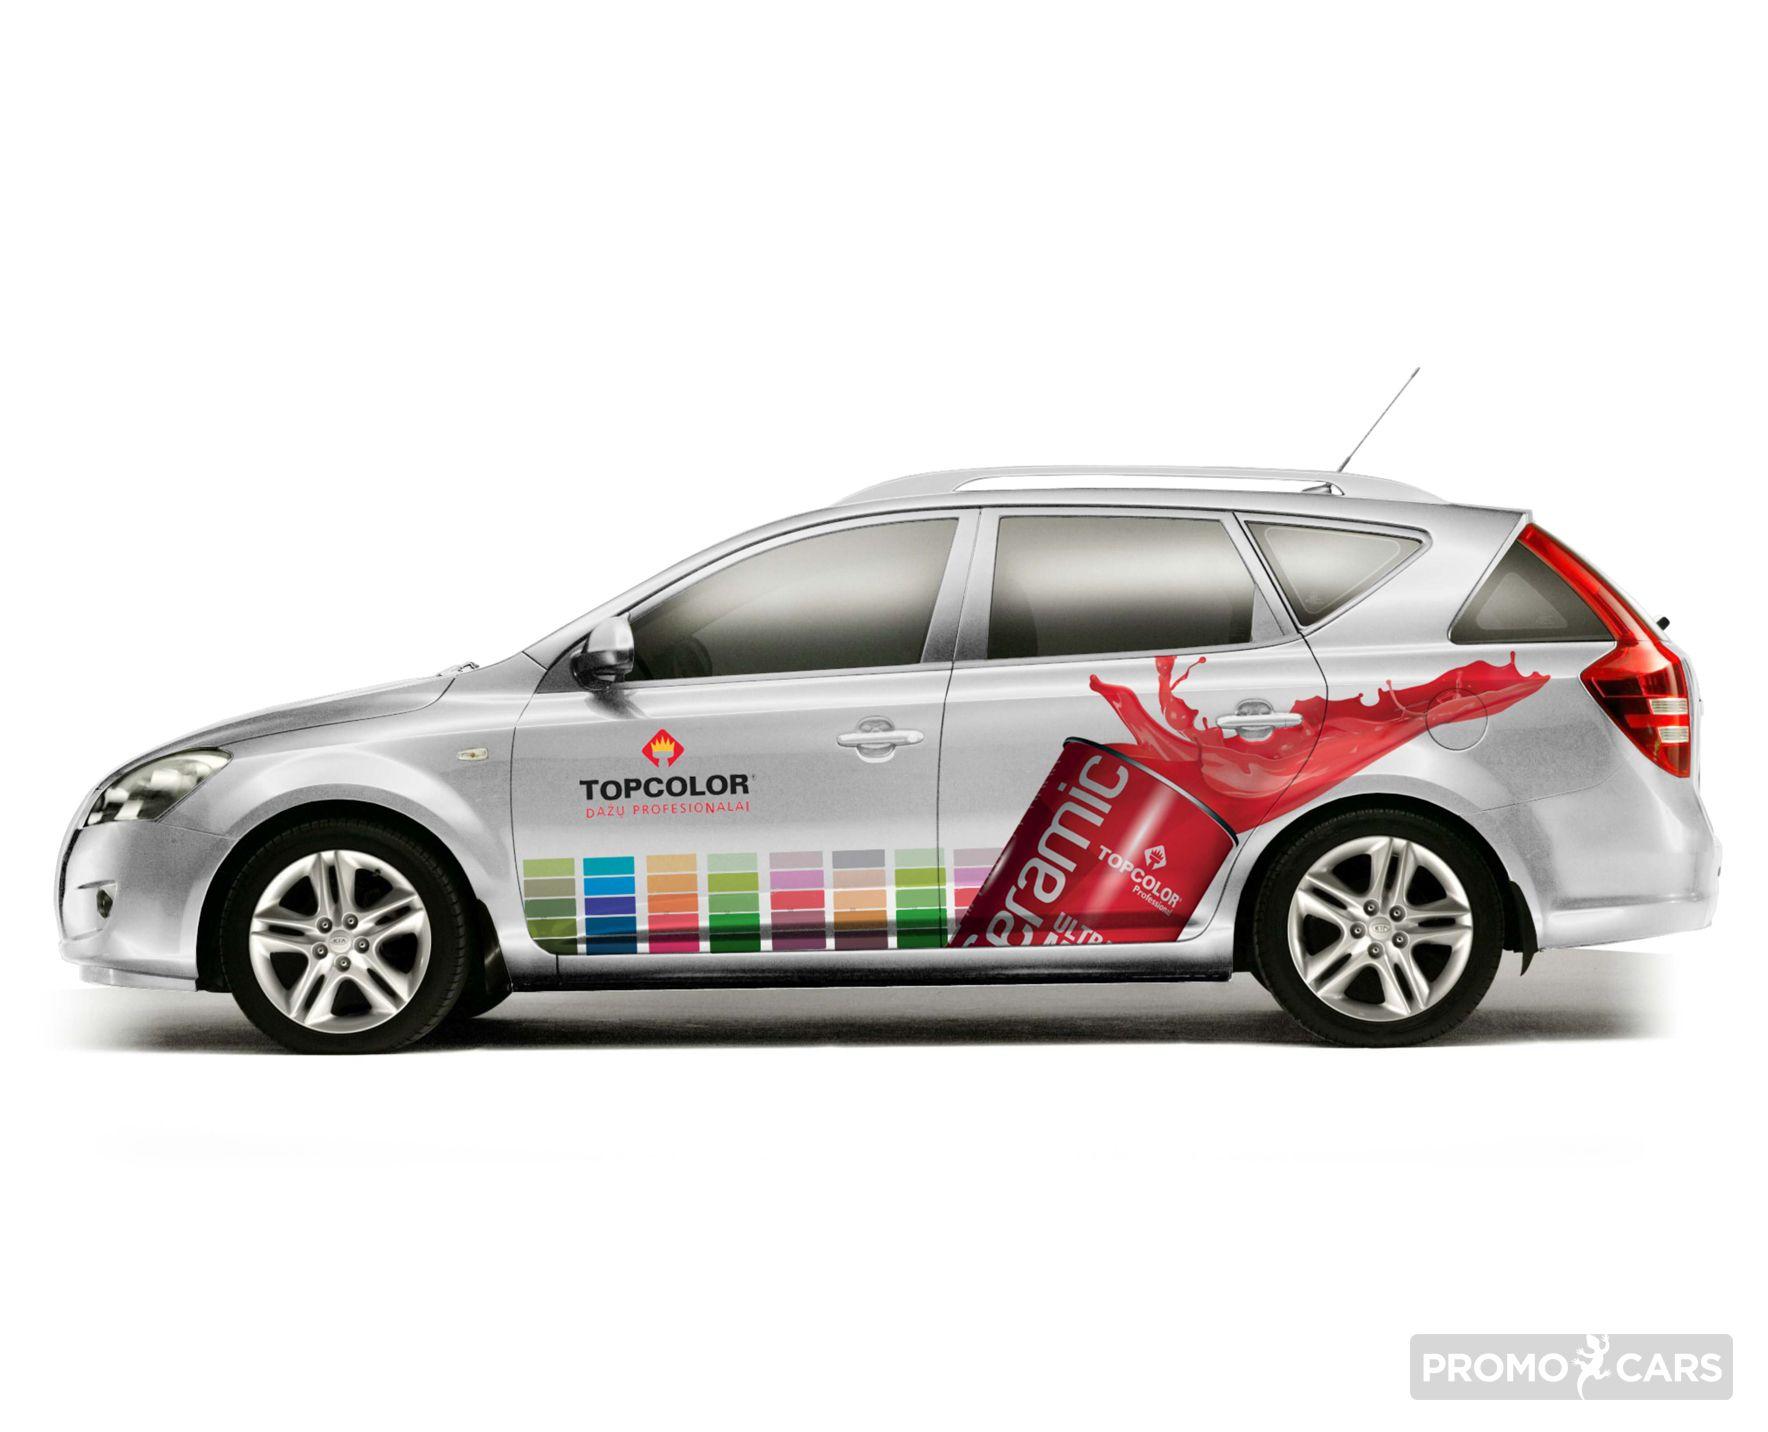 autoapklijavimo dizainas reklama